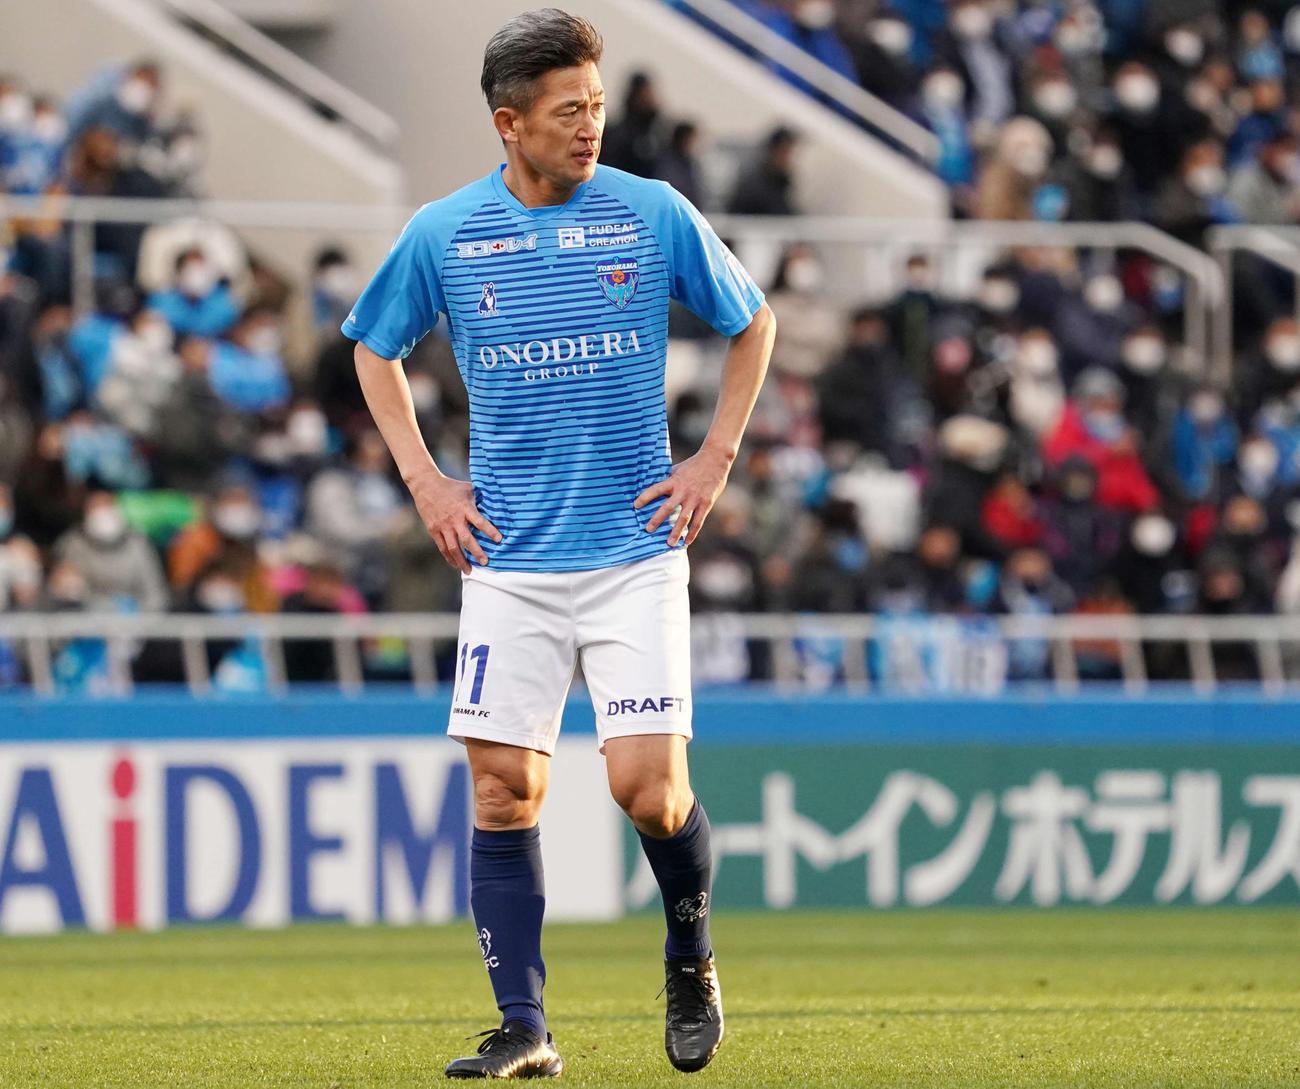 横浜FC・FWカズ(三浦知良)(2020年12月19日撮影)